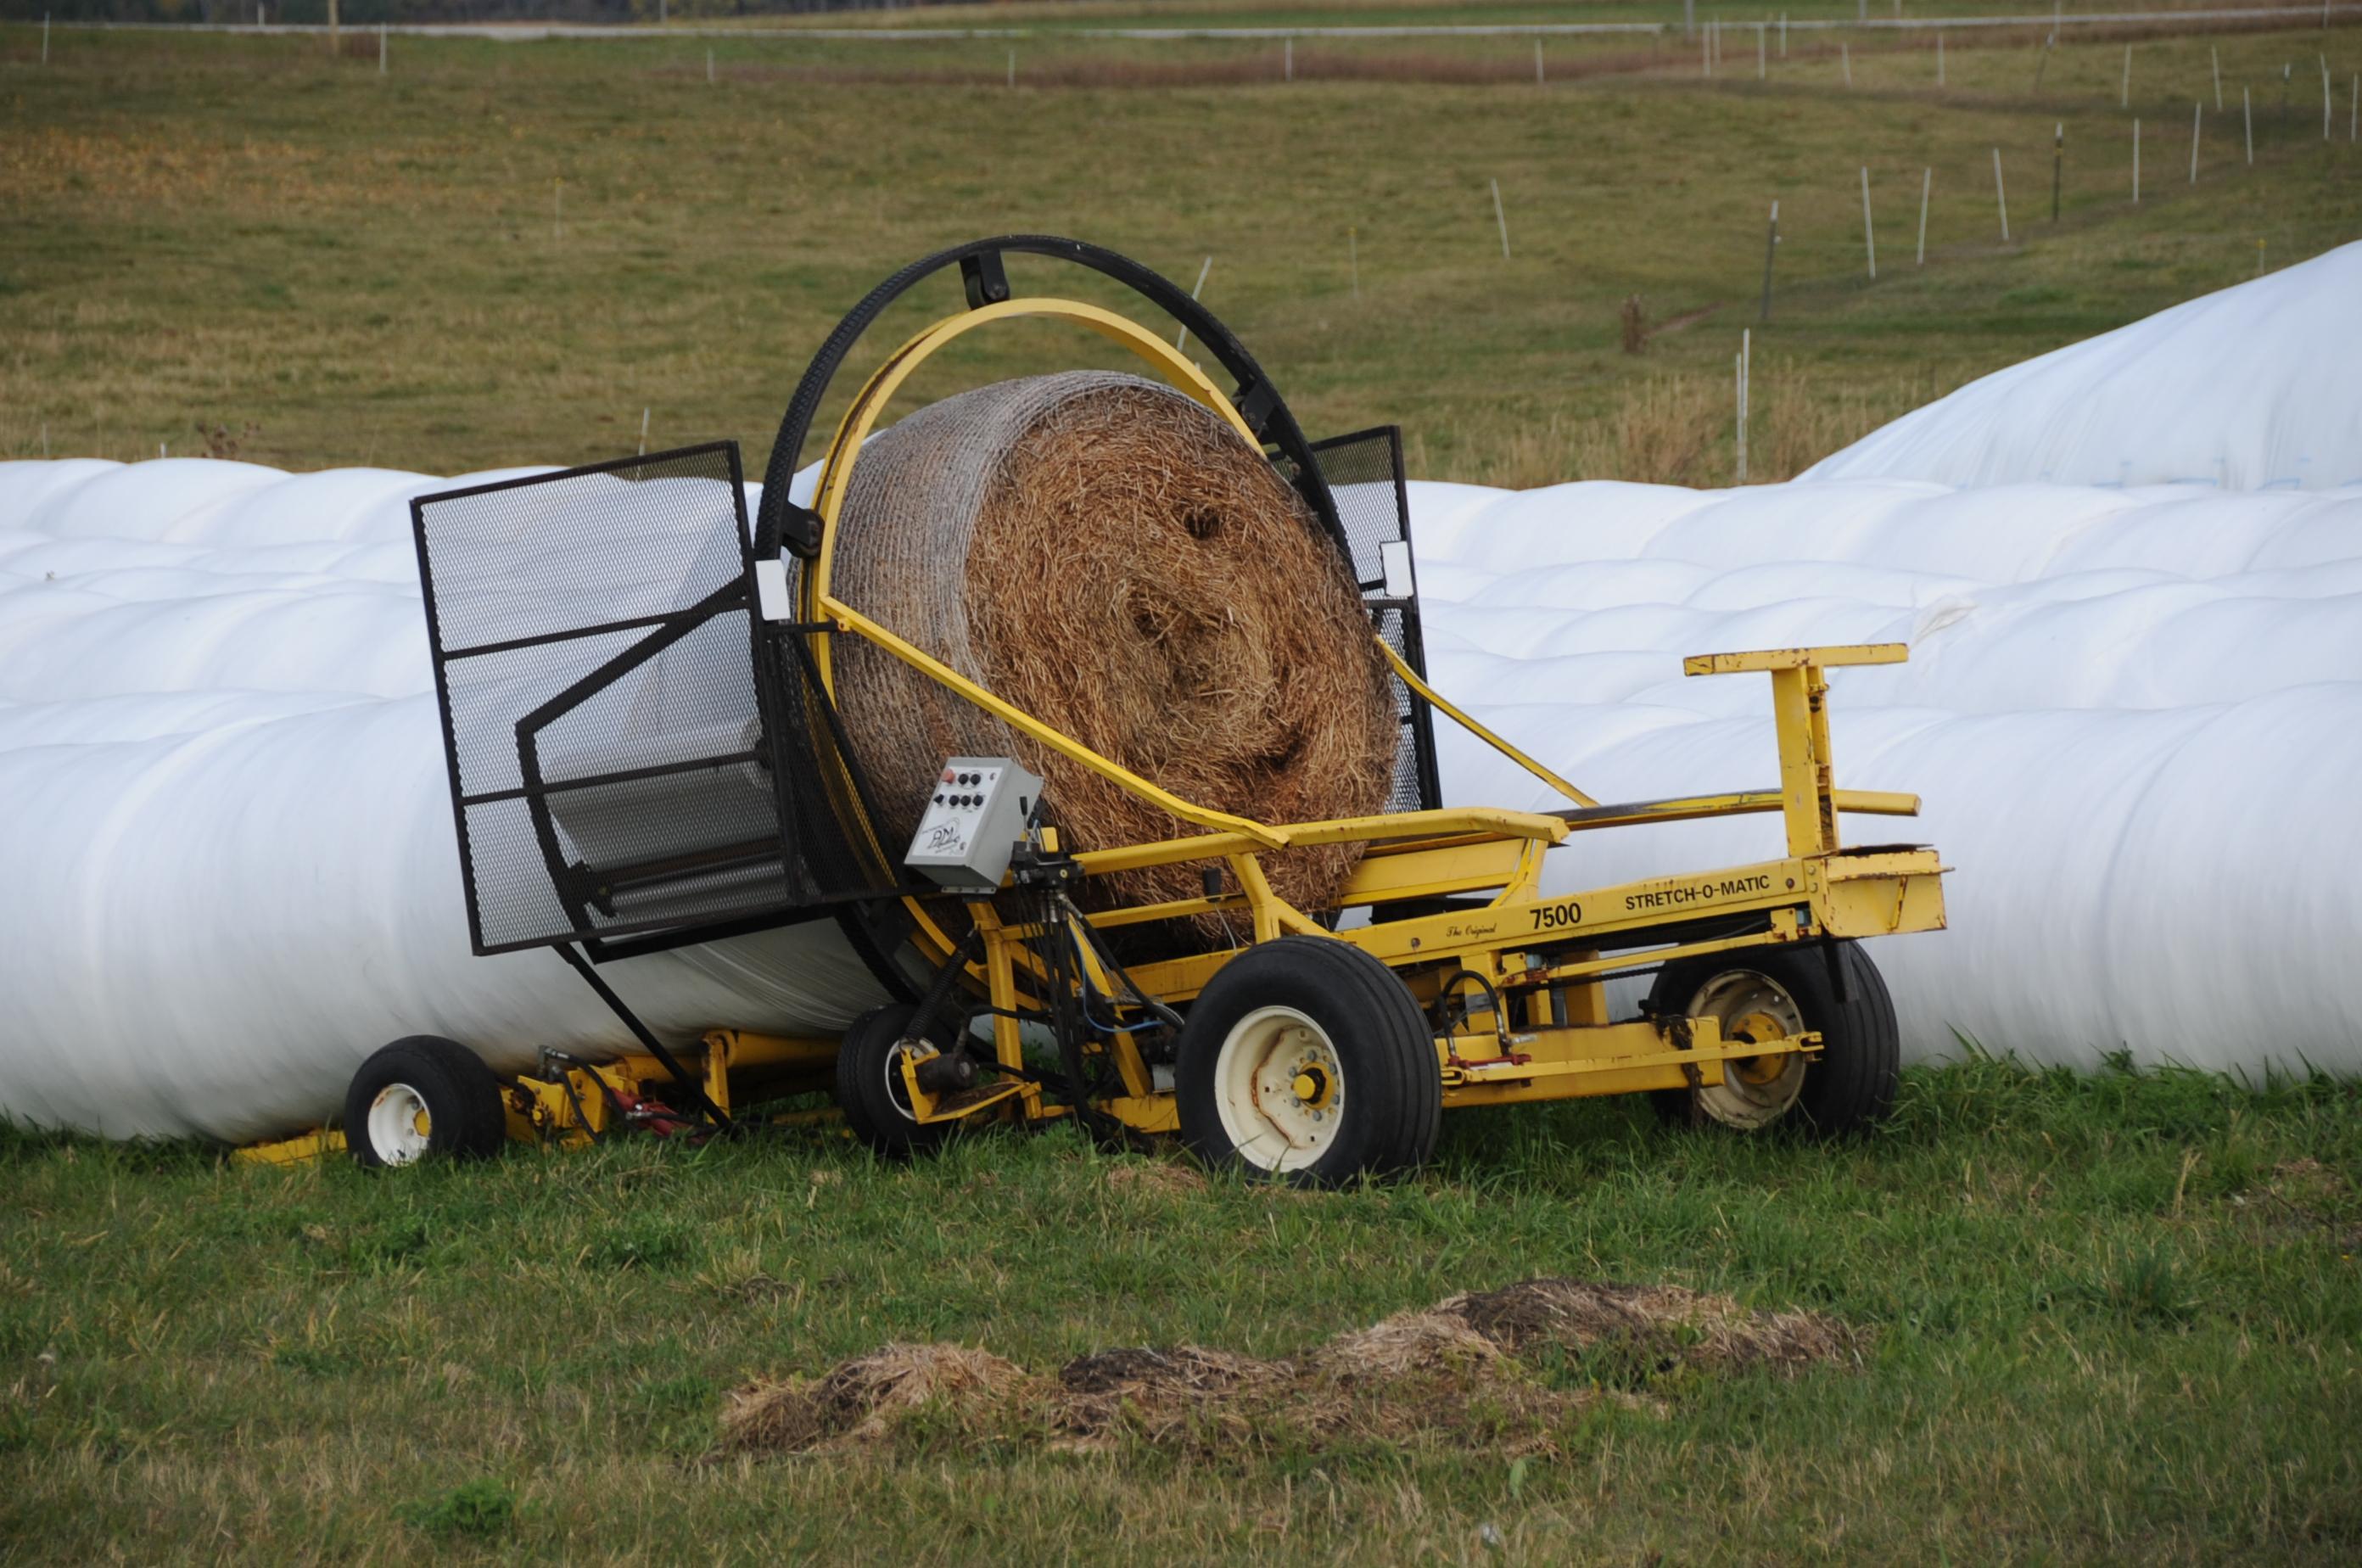 File:AM Stretch-O-Matic 7500 tubular bale wrapper.jpg ...